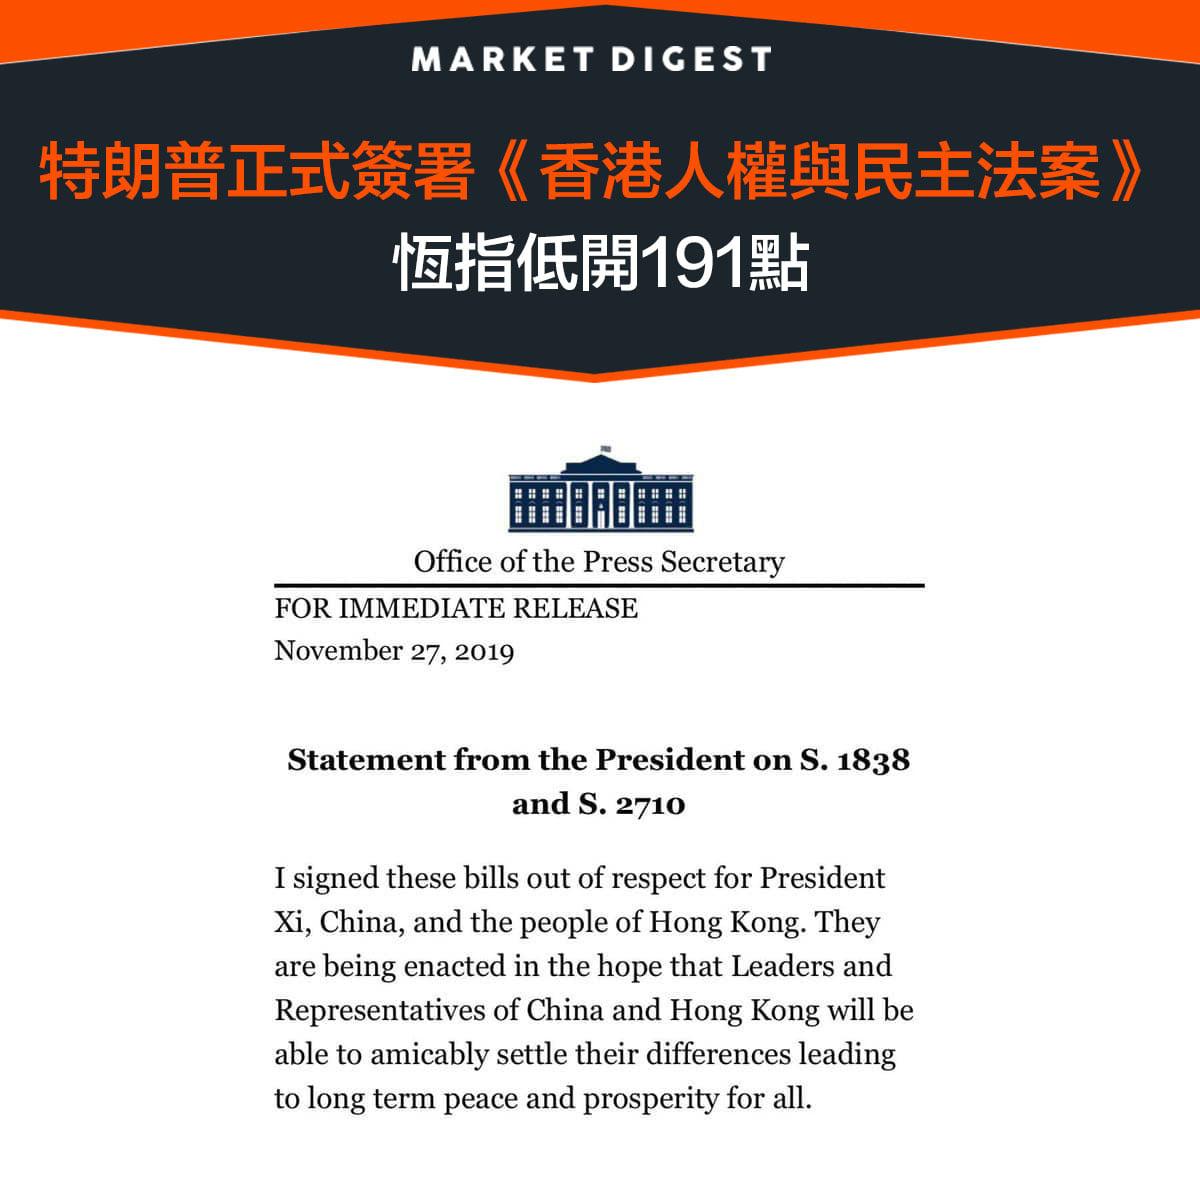 【中美貿易戰】特朗普已正式簽署《香港人權與民主法案》